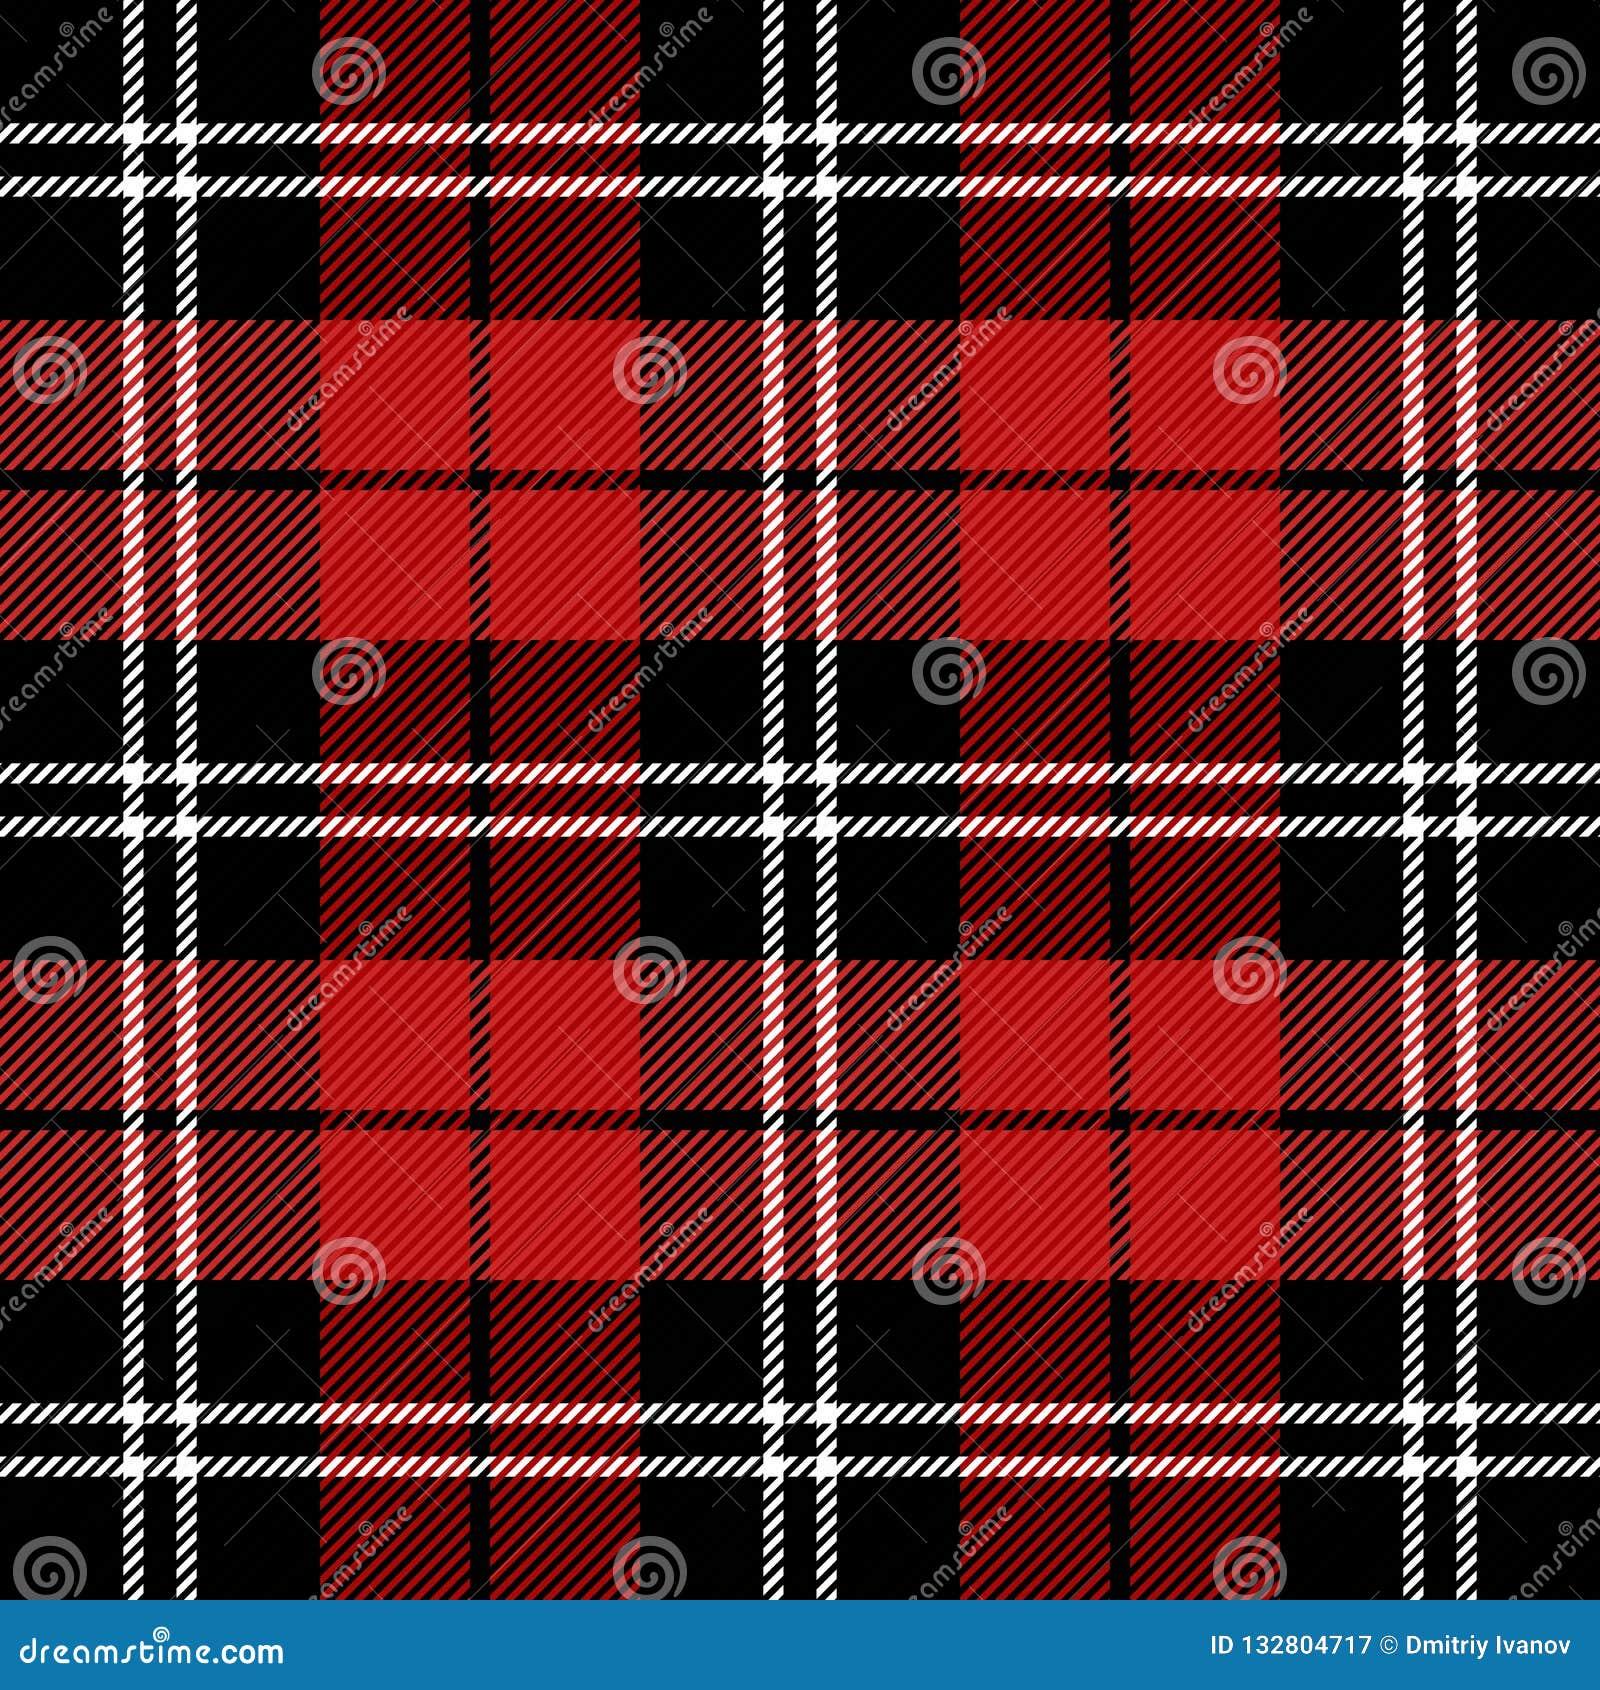 Schotse Geruite Wollen Stof.Geruite Schots Wollen Stof Van Het Kerstmis Het Nieuwe Jaar